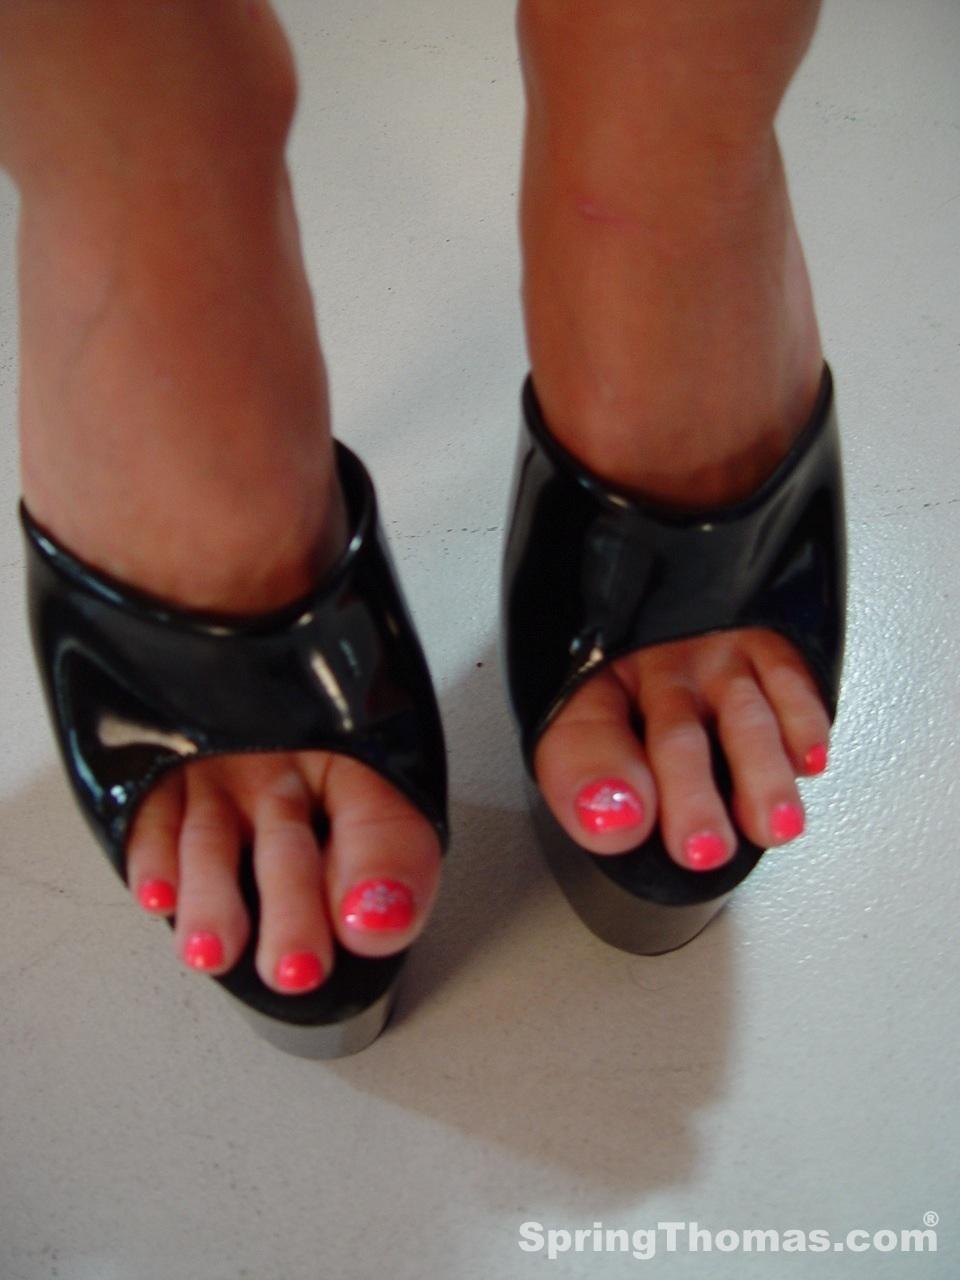 Spring thomas feet